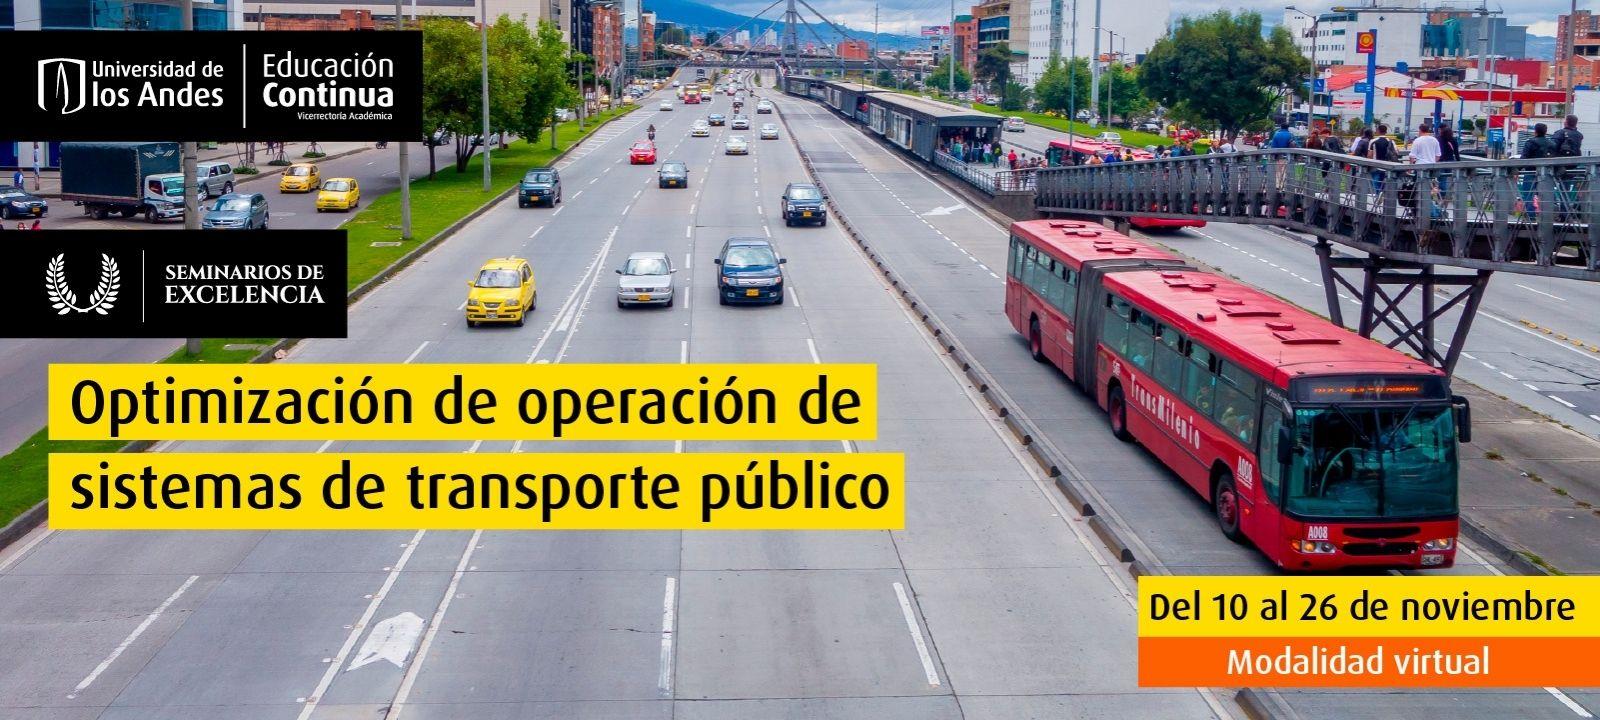 Curso virtual - Optimización de operación de sistemas de transporte público